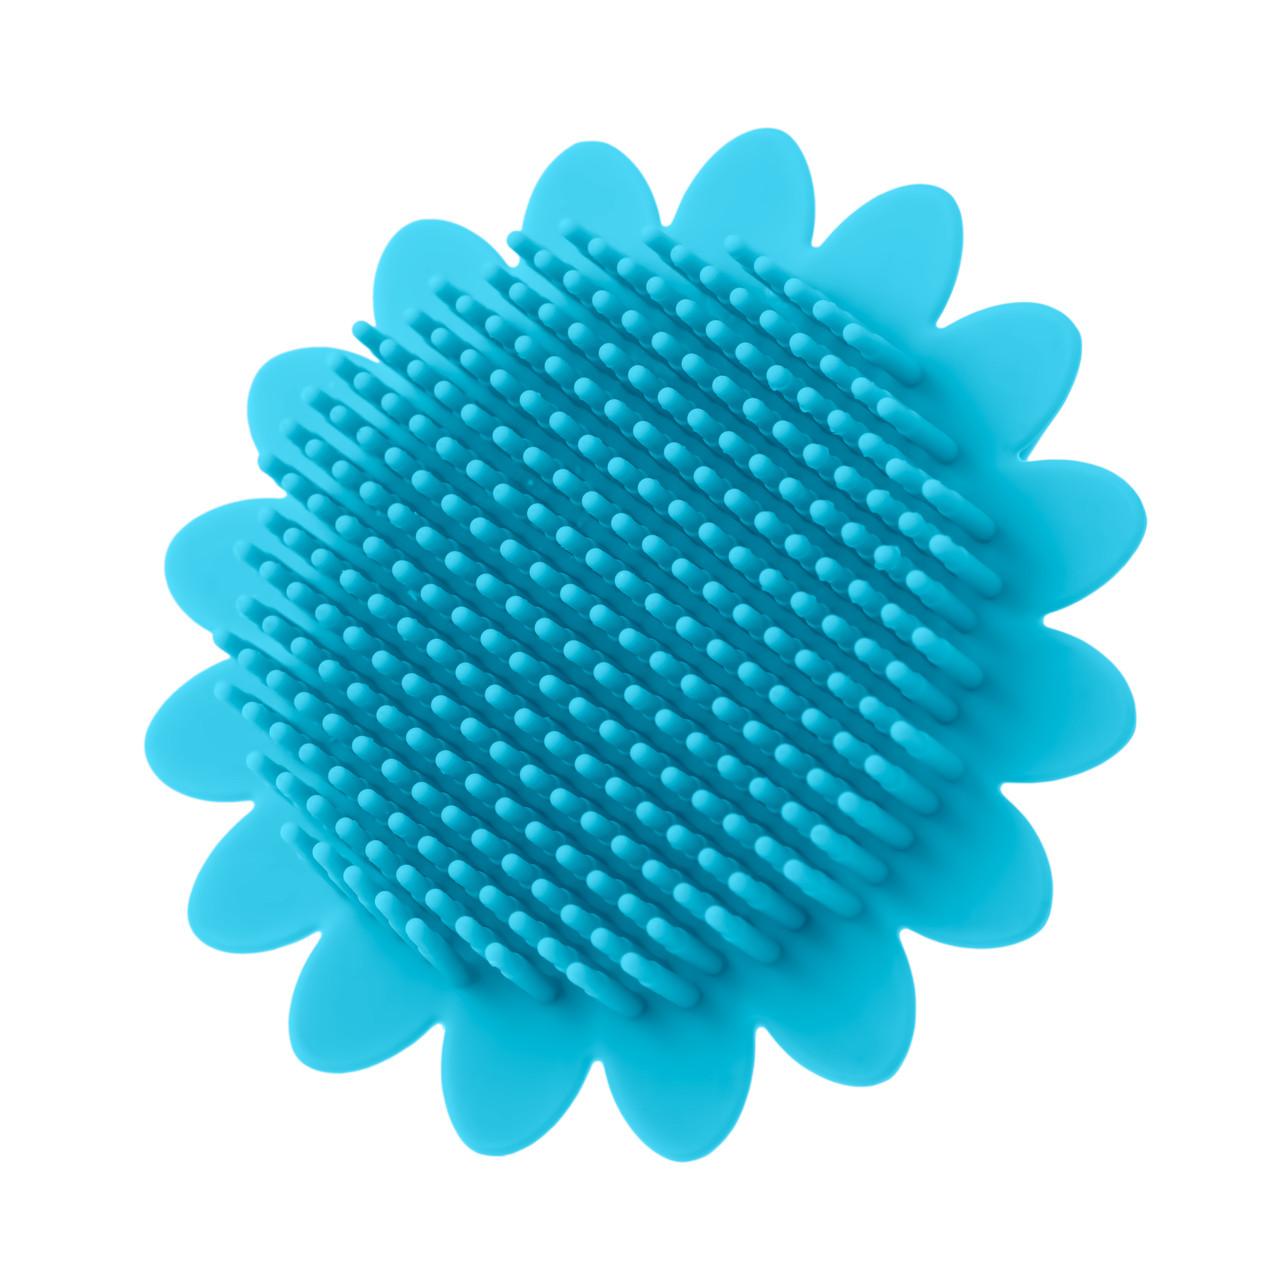 Губка для тела силиконовая (подсолнух). Цвет: голубой - фото 1